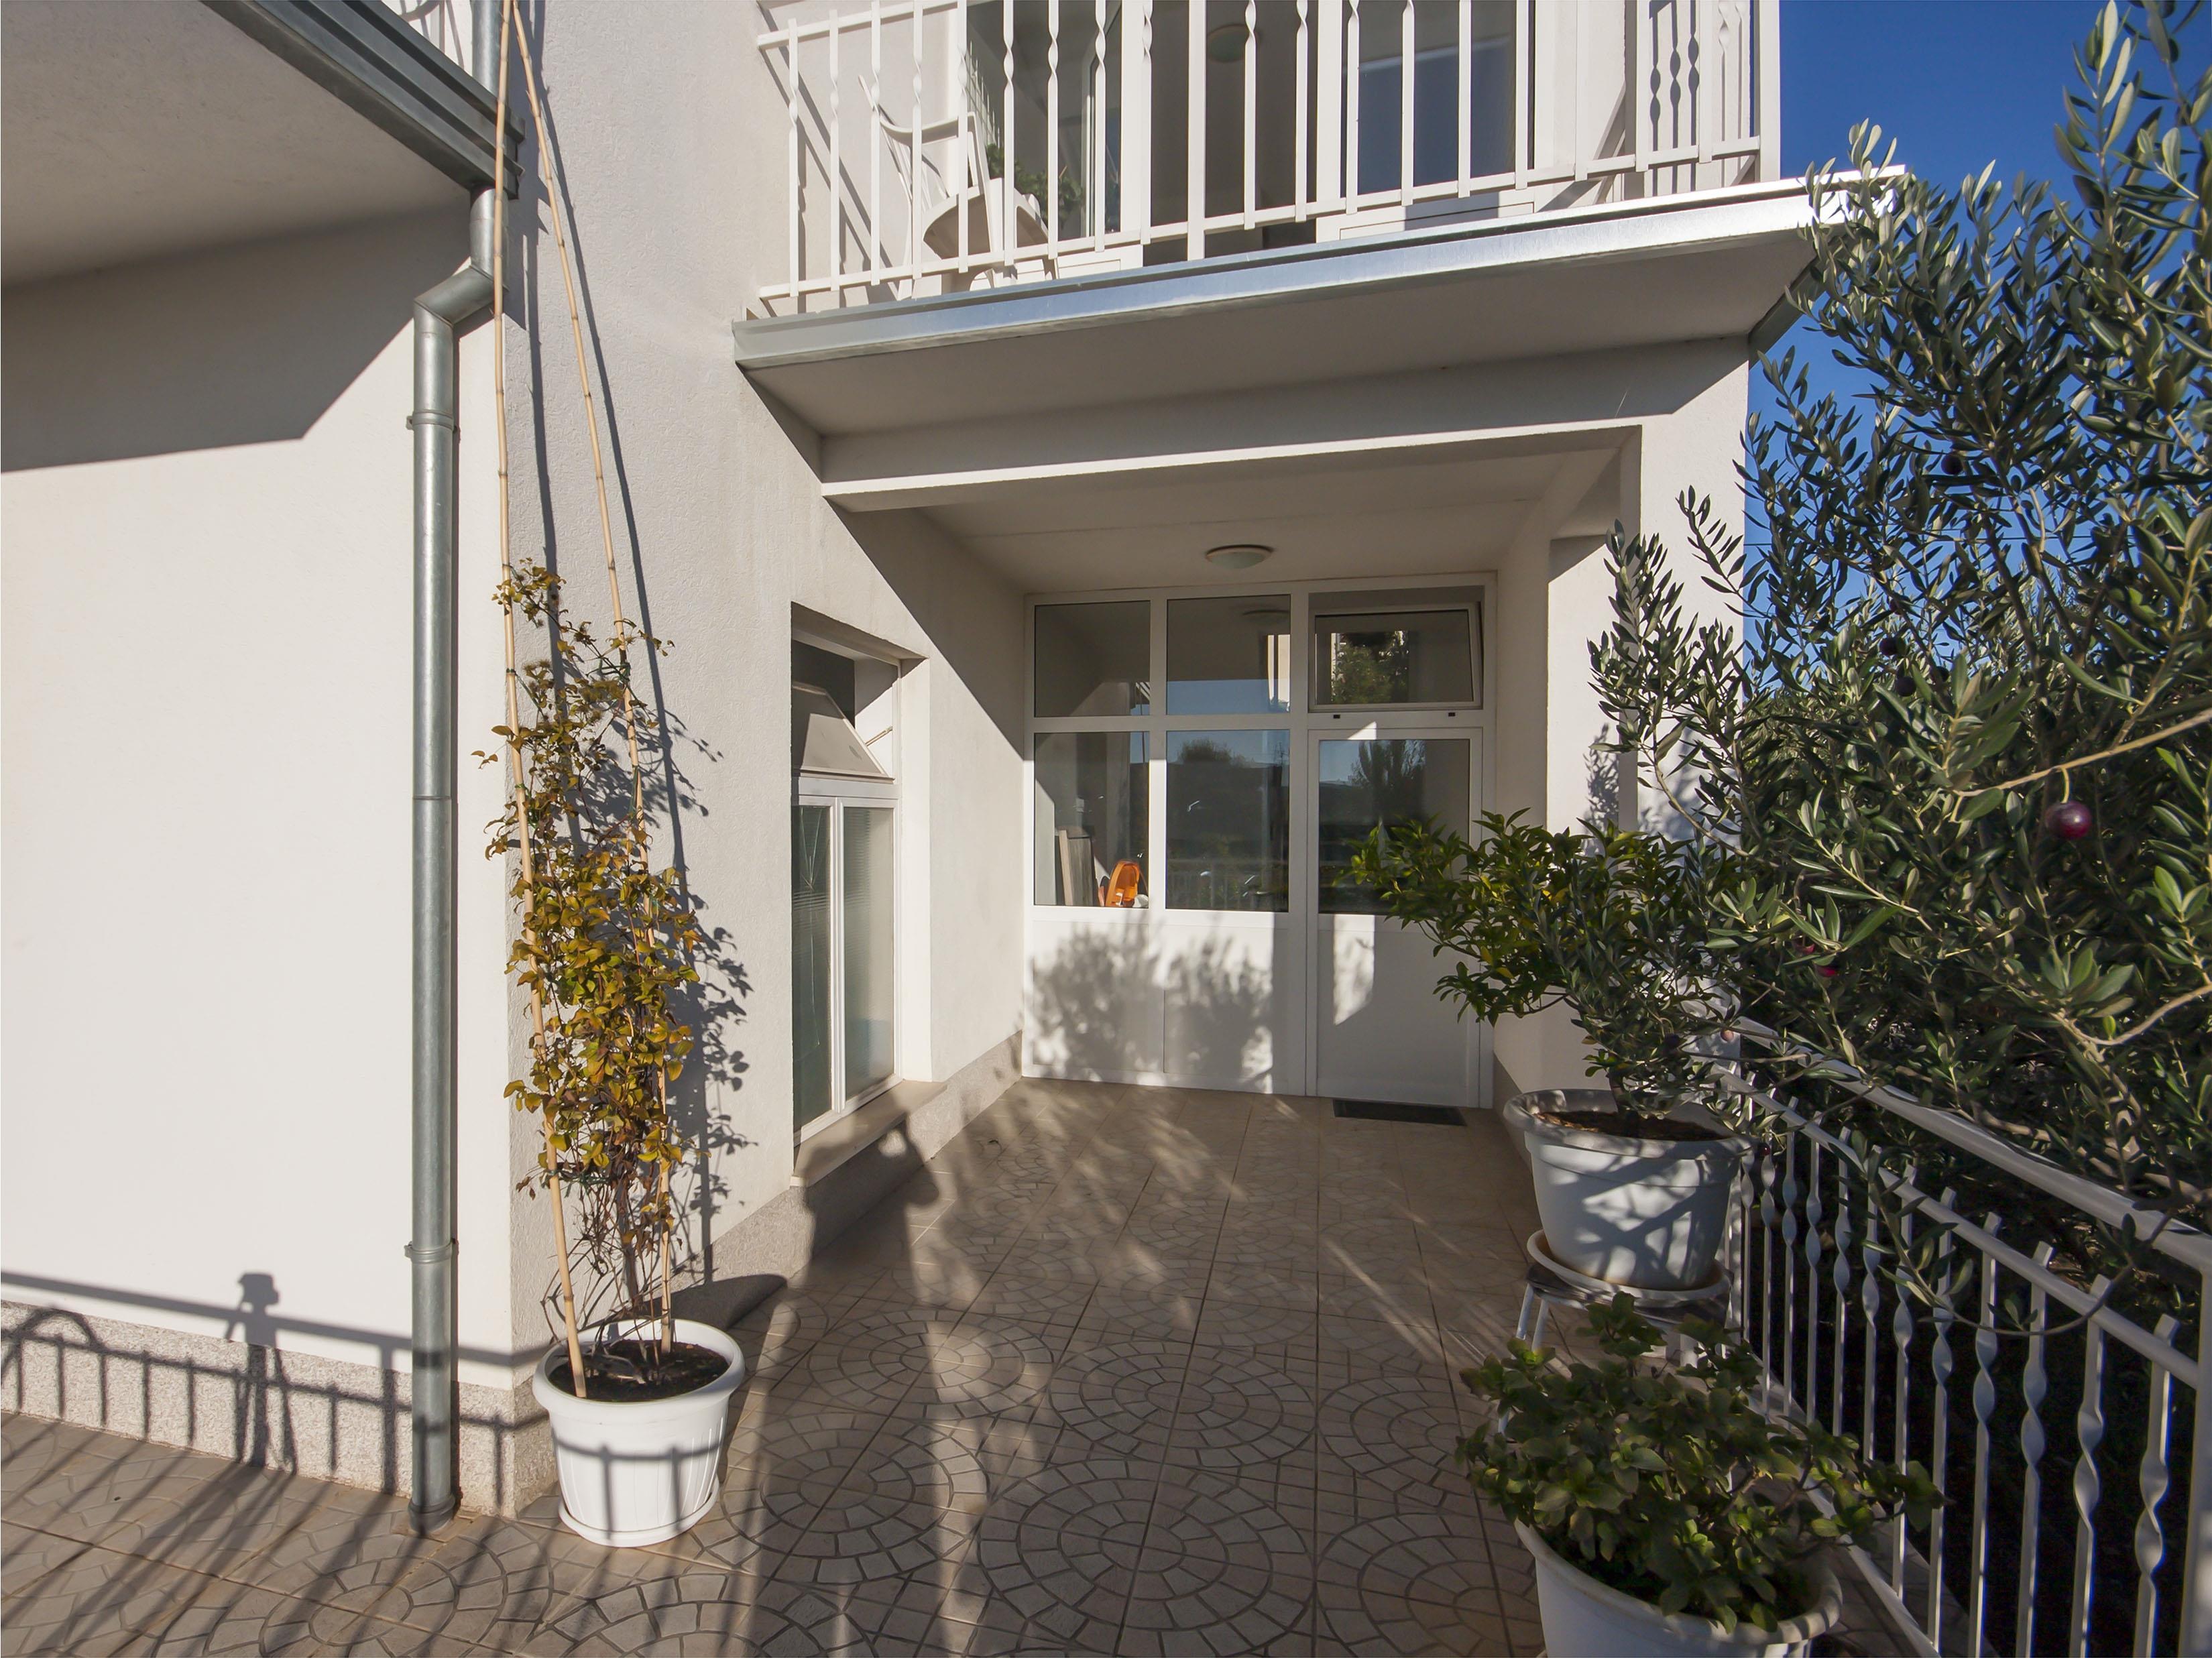 Ferienwohnung Apartments Senka / One bedroom A1 (1902155), Brodarica, , Dalmatien, Kroatien, Bild 13